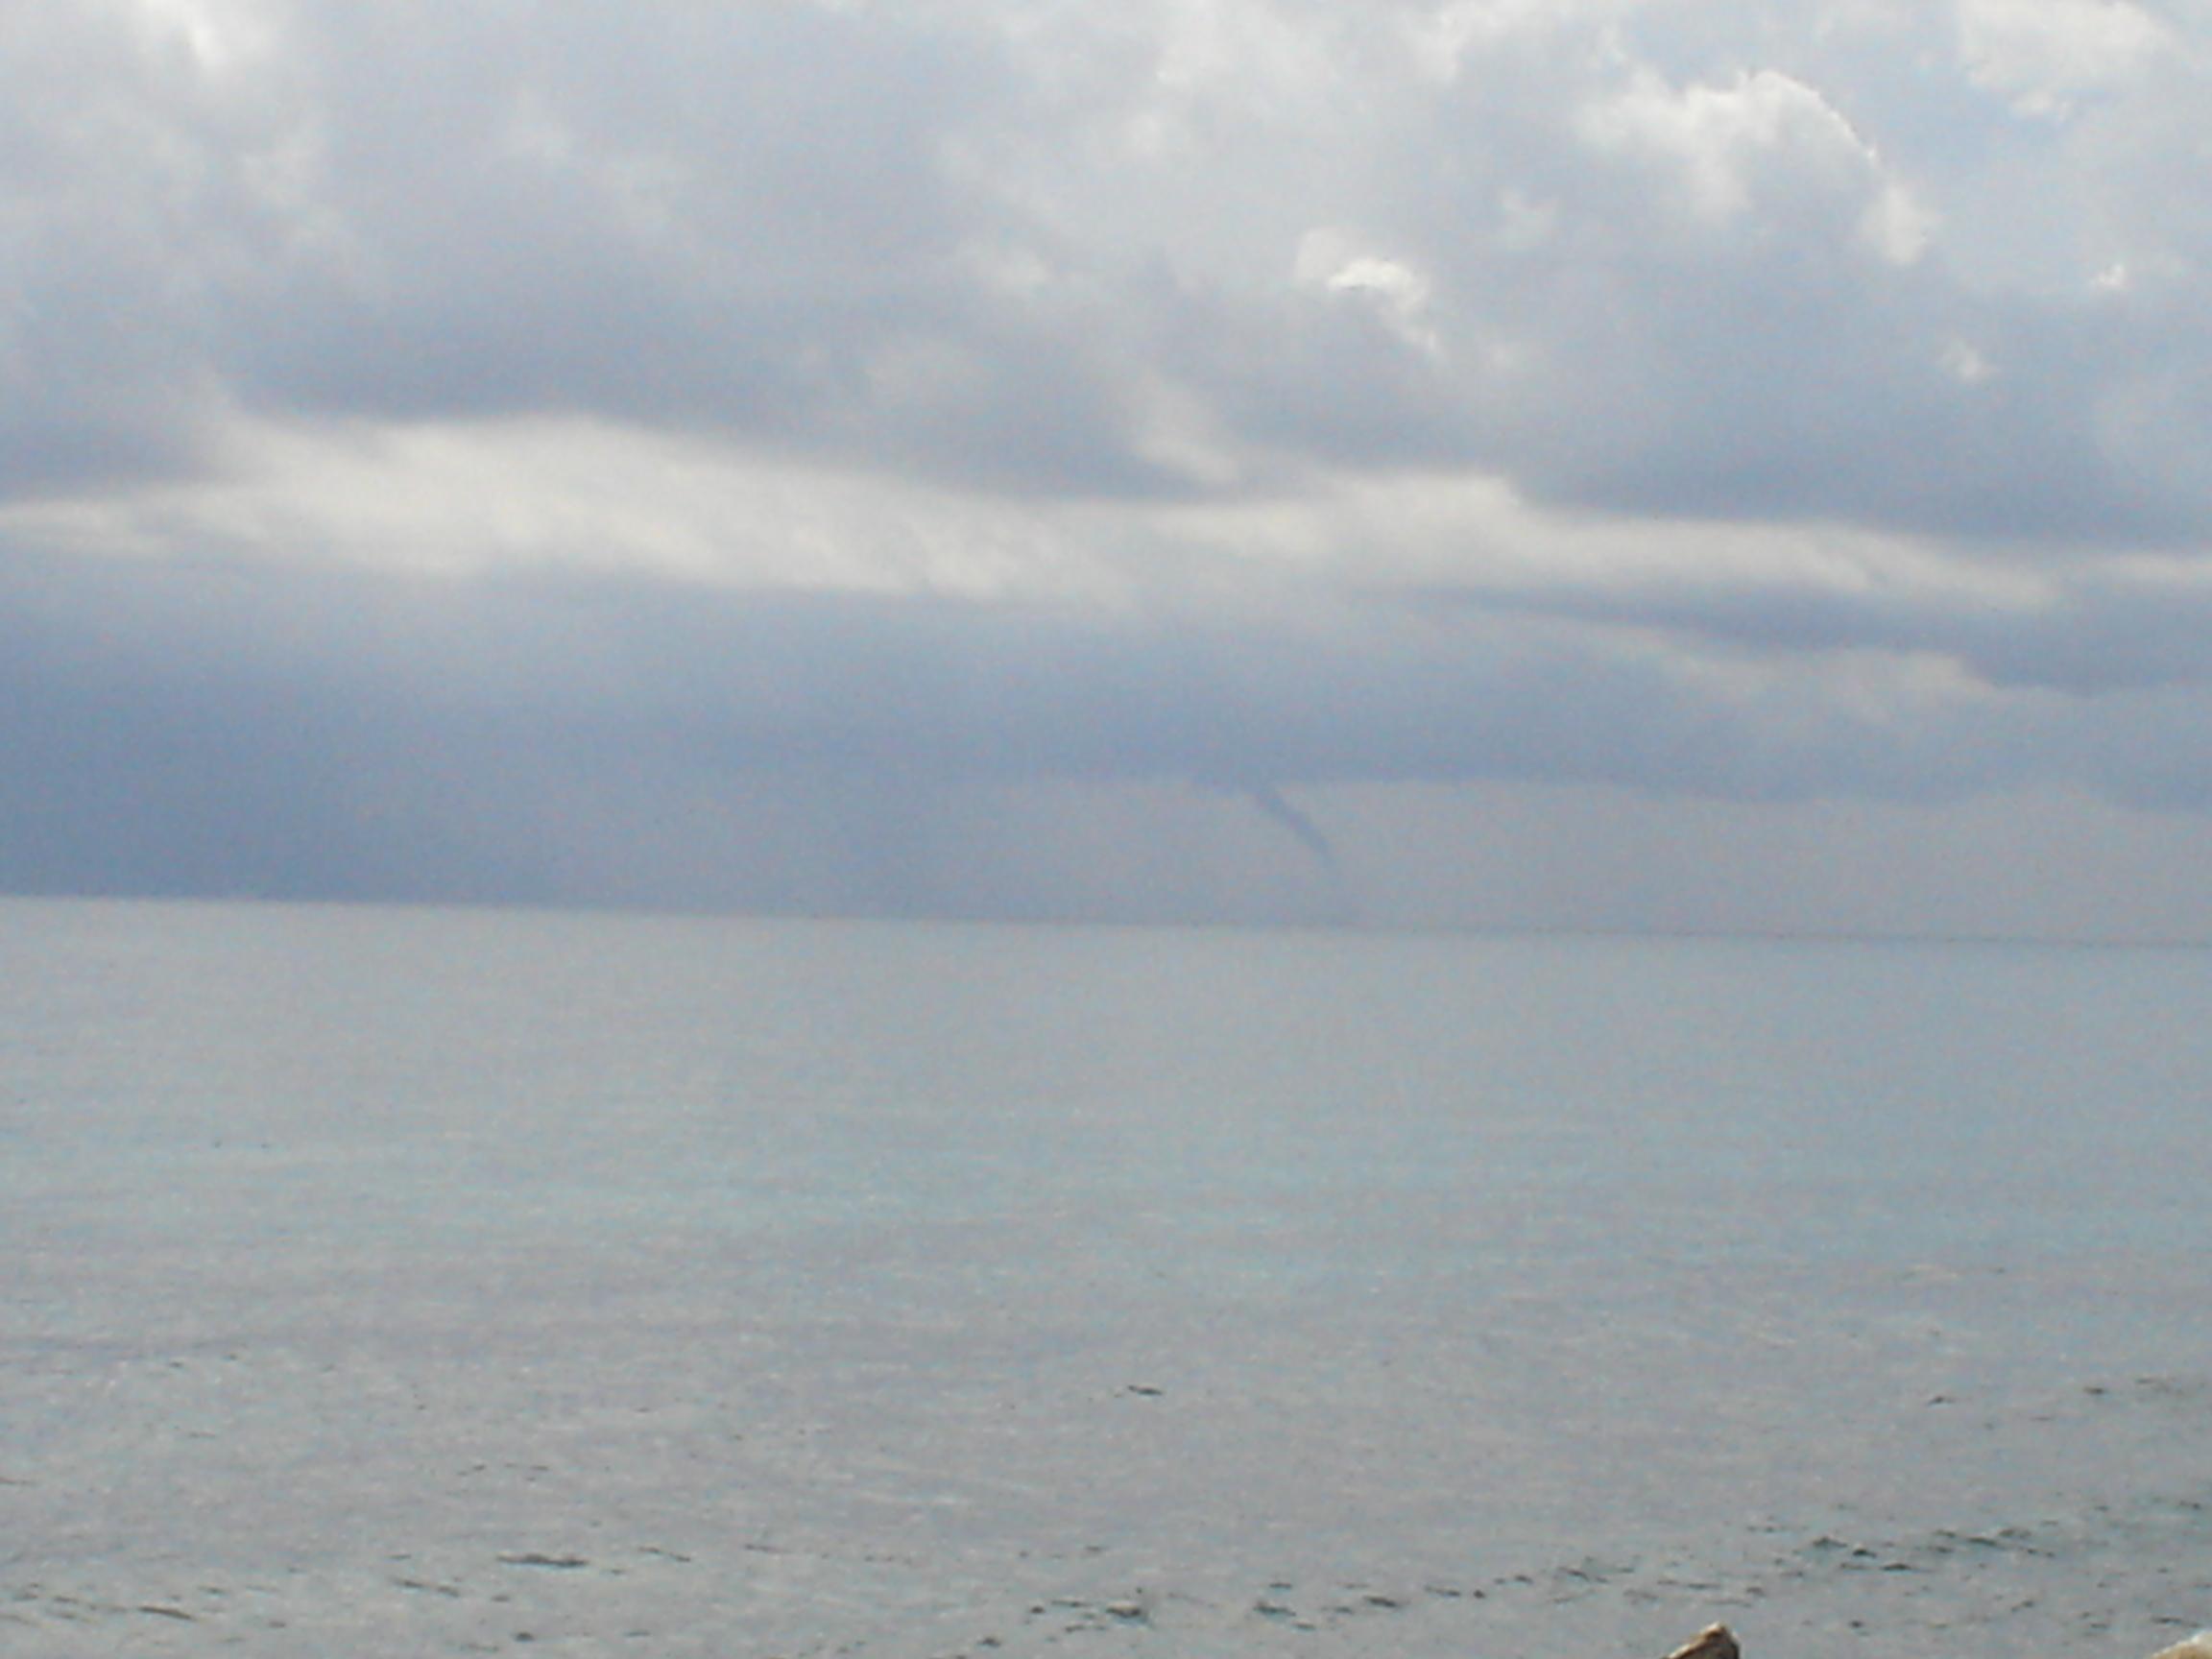 Foto playa Les Barques / Las Barcas. Tornado en Mataró, 18/9/2006